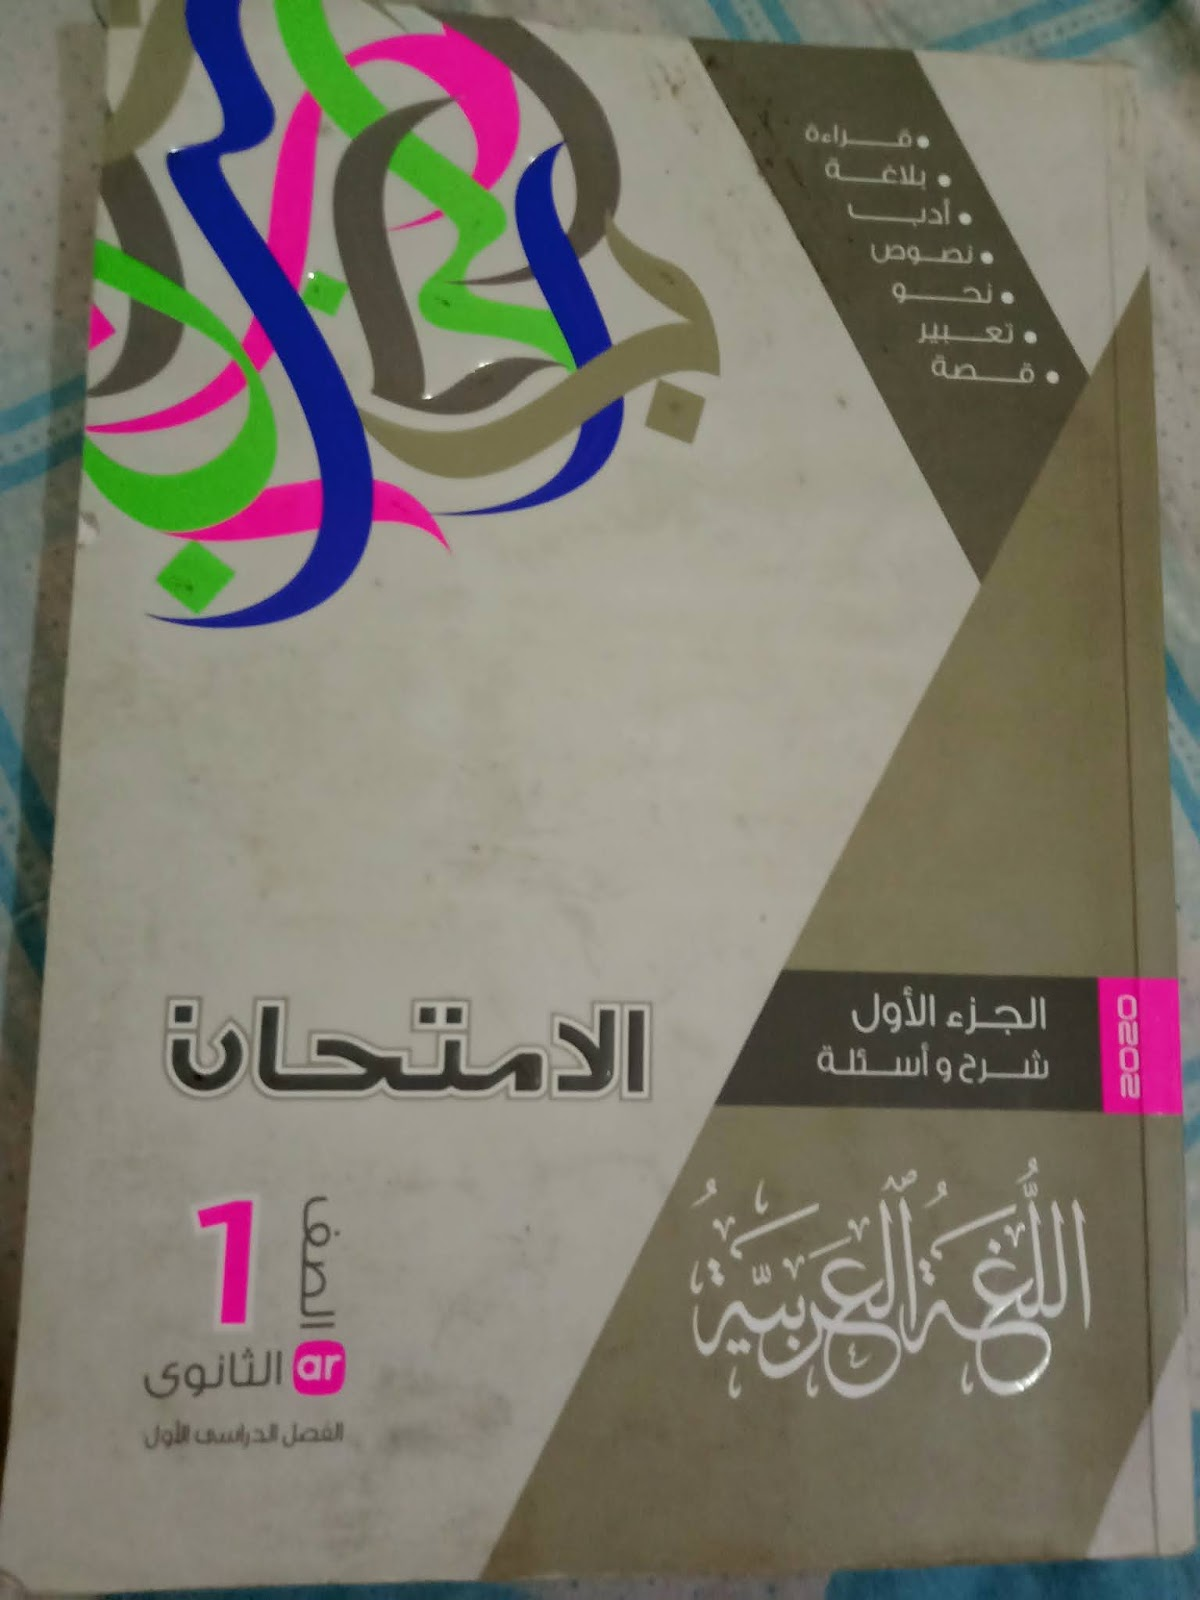 تحميل كتاب الامتحان فى اللغة العربية pdf للصف الأول الثانوى الترم الأول 2021